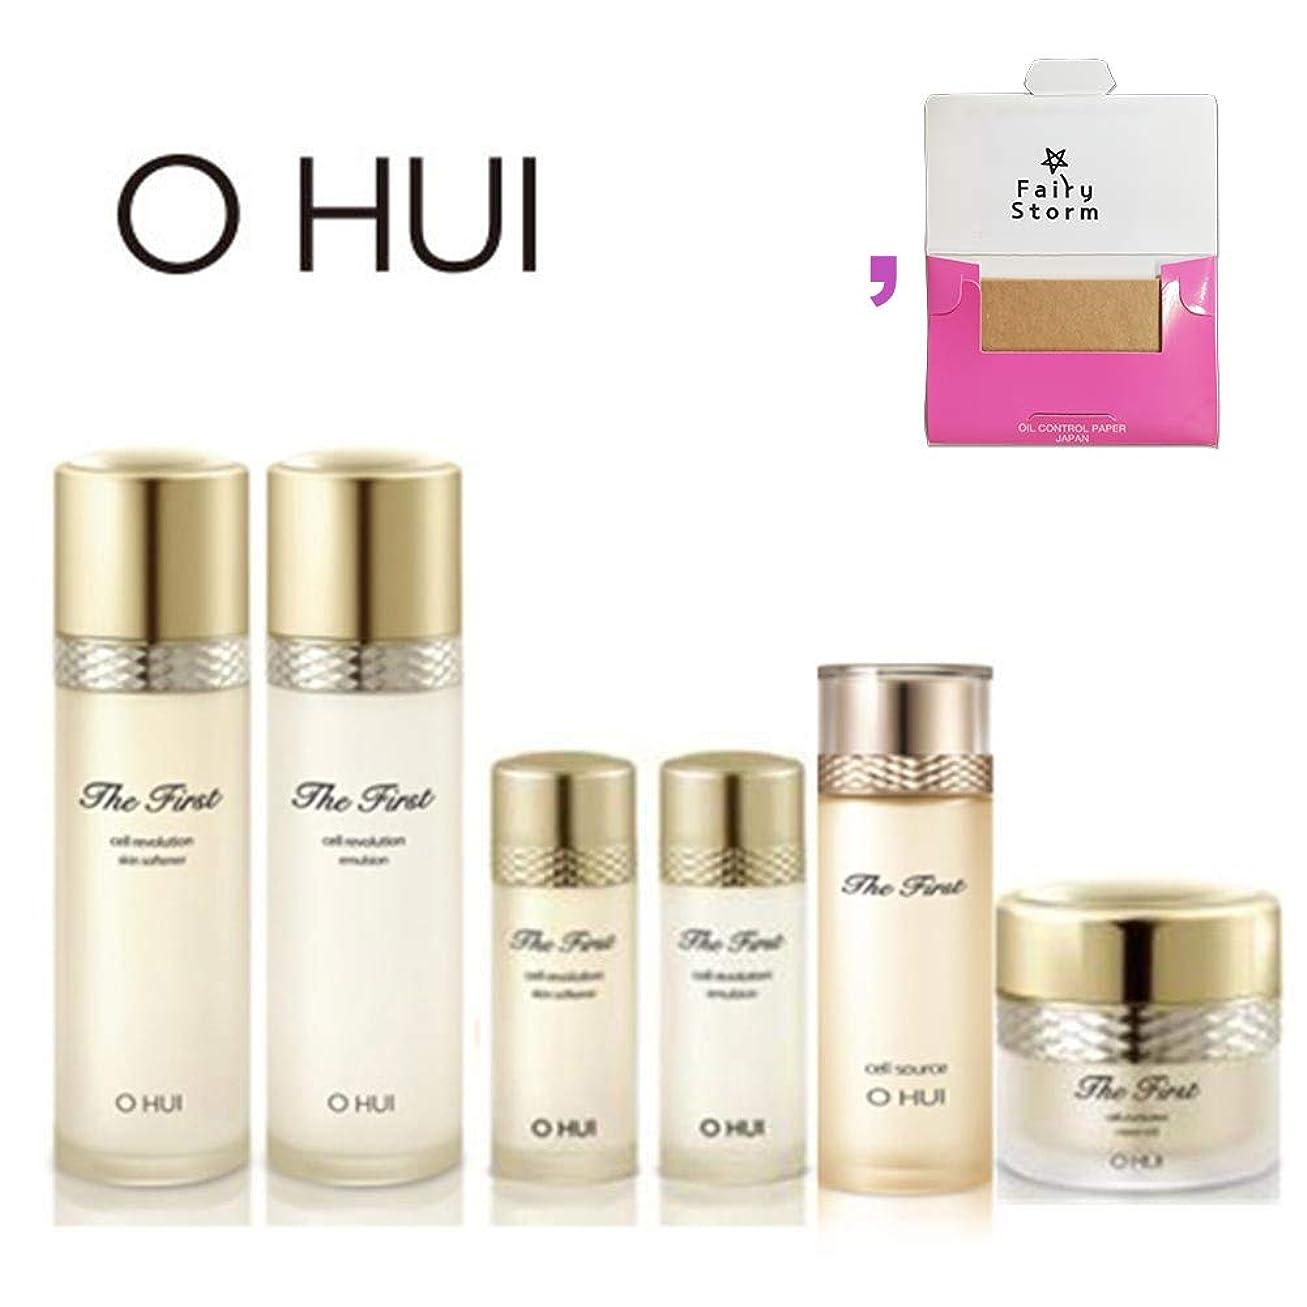 レルム孤独加速度オフィス/ O HUI OHUI The First SPECIAL SET/ザファースト2種のスキンケア特別企画セット + Sample Gift (海外直送品)